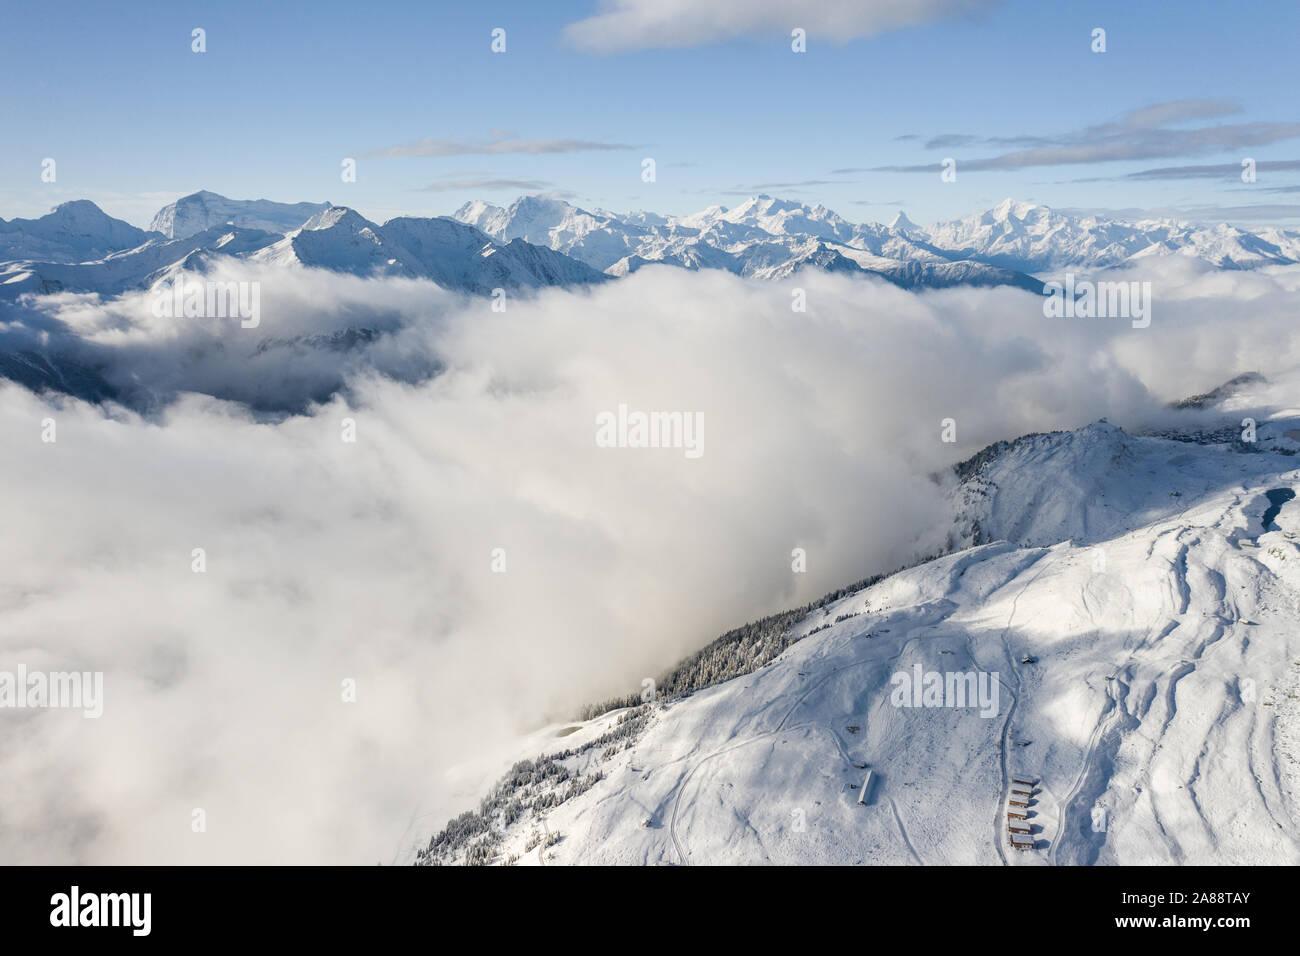 Vue aérienne d'une forêt couverte de neige fraîche et nuages dans le domaine d'Aletsch Arena. La Suisse à l'automne Banque D'Images